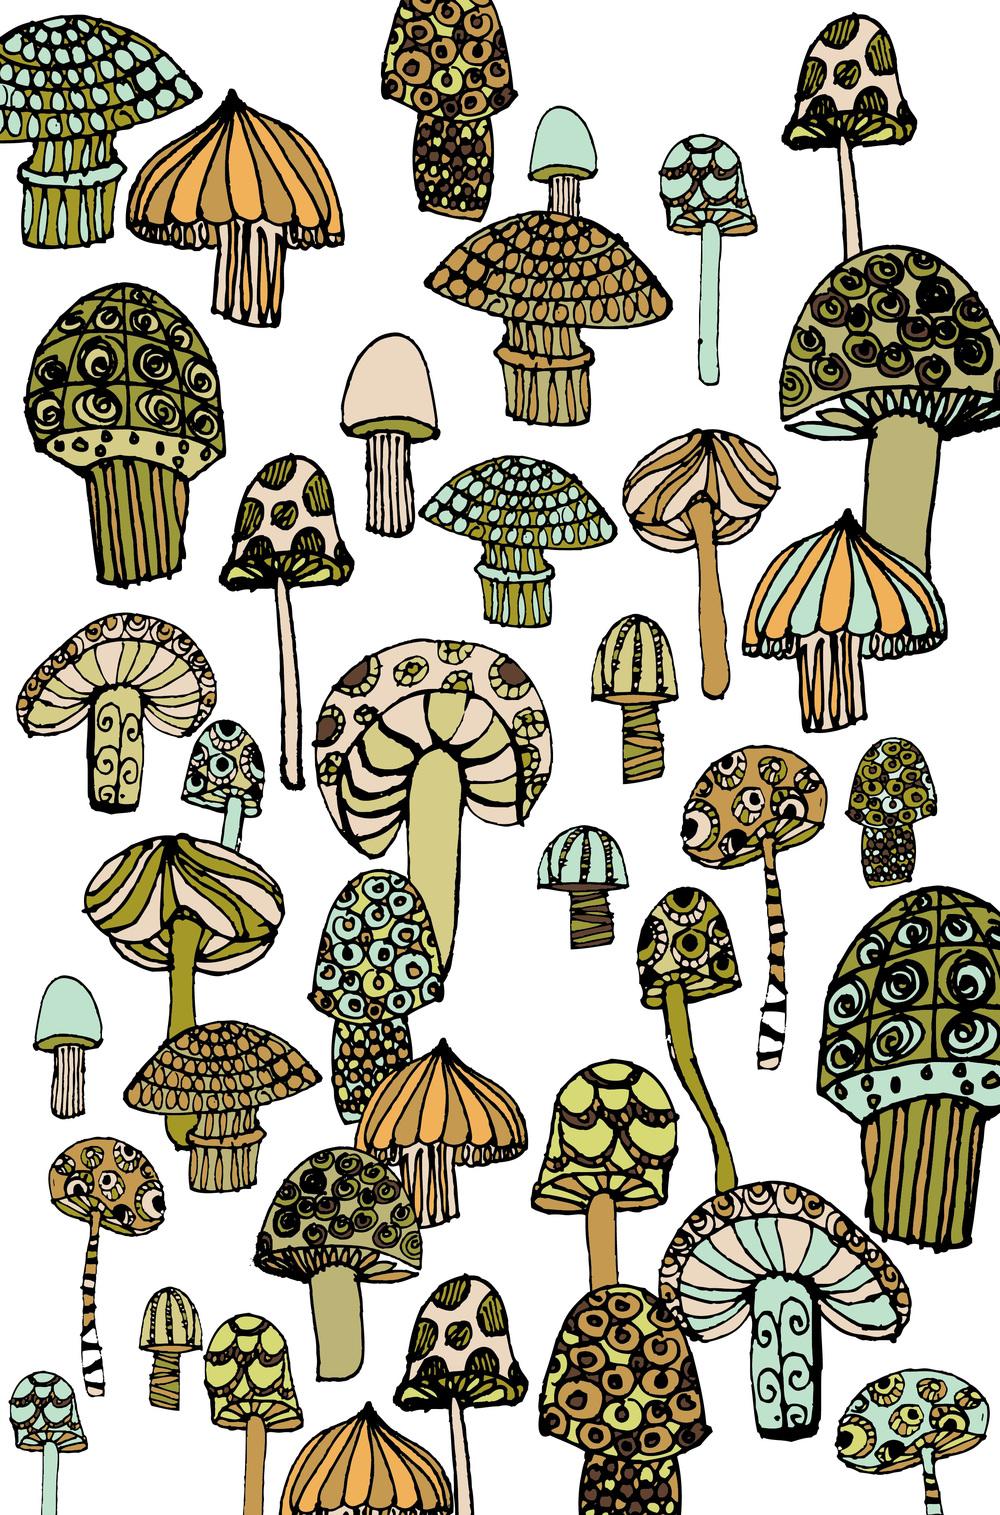 Magic_Mushrooms_Print-01.jpg